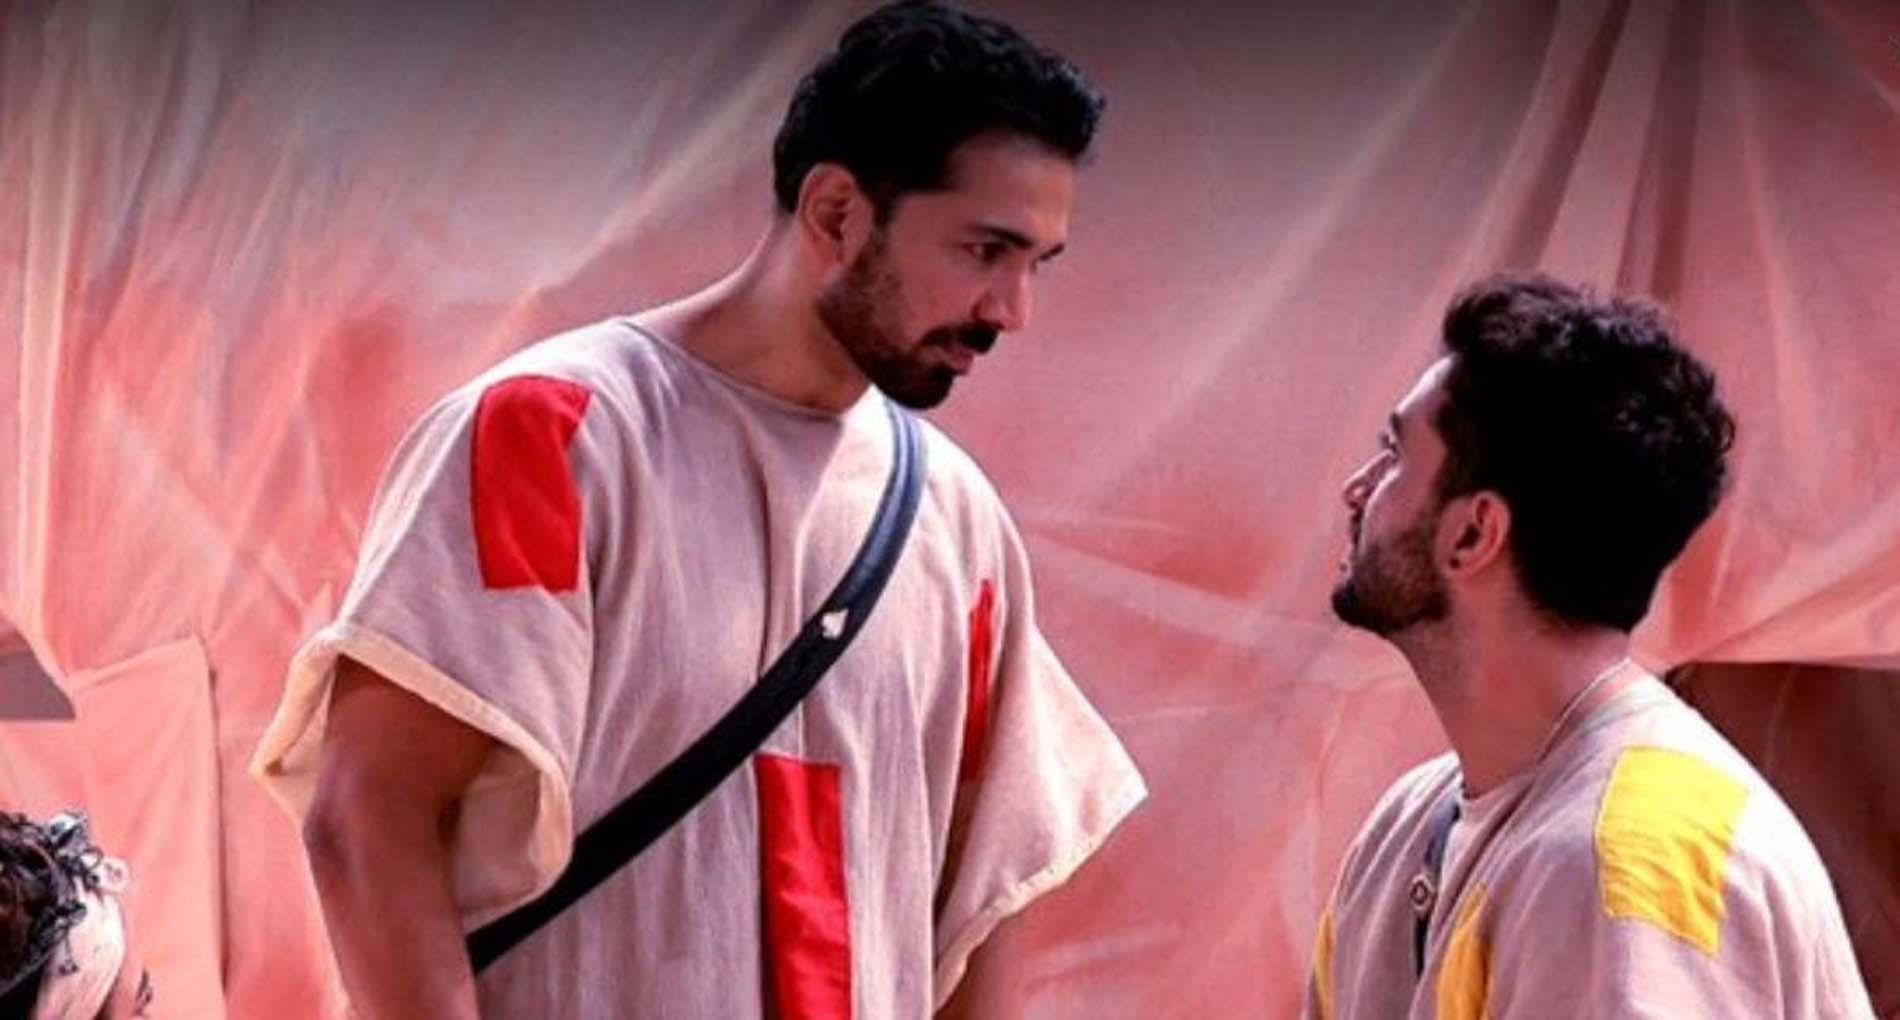 Bigg Boss 14: अभिनव शुक्ला और अली गोनी के बीच शुरू हुआ घमासान!